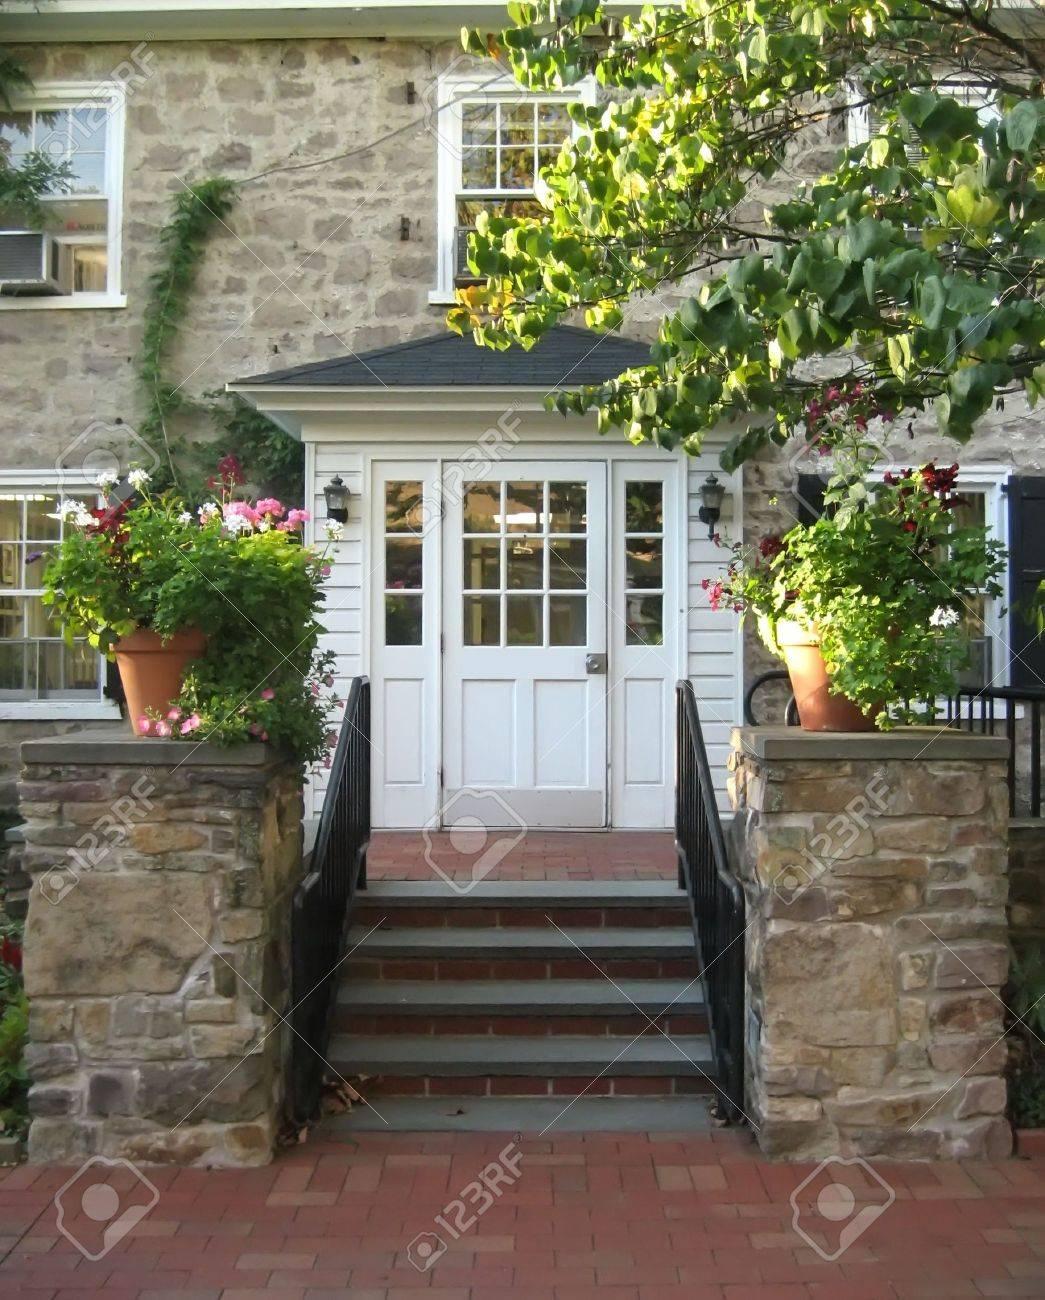 Steinhaus mit veranda  Front-Eingang Mit Treppe Und Veranda Auf Alten Steinhaus ...